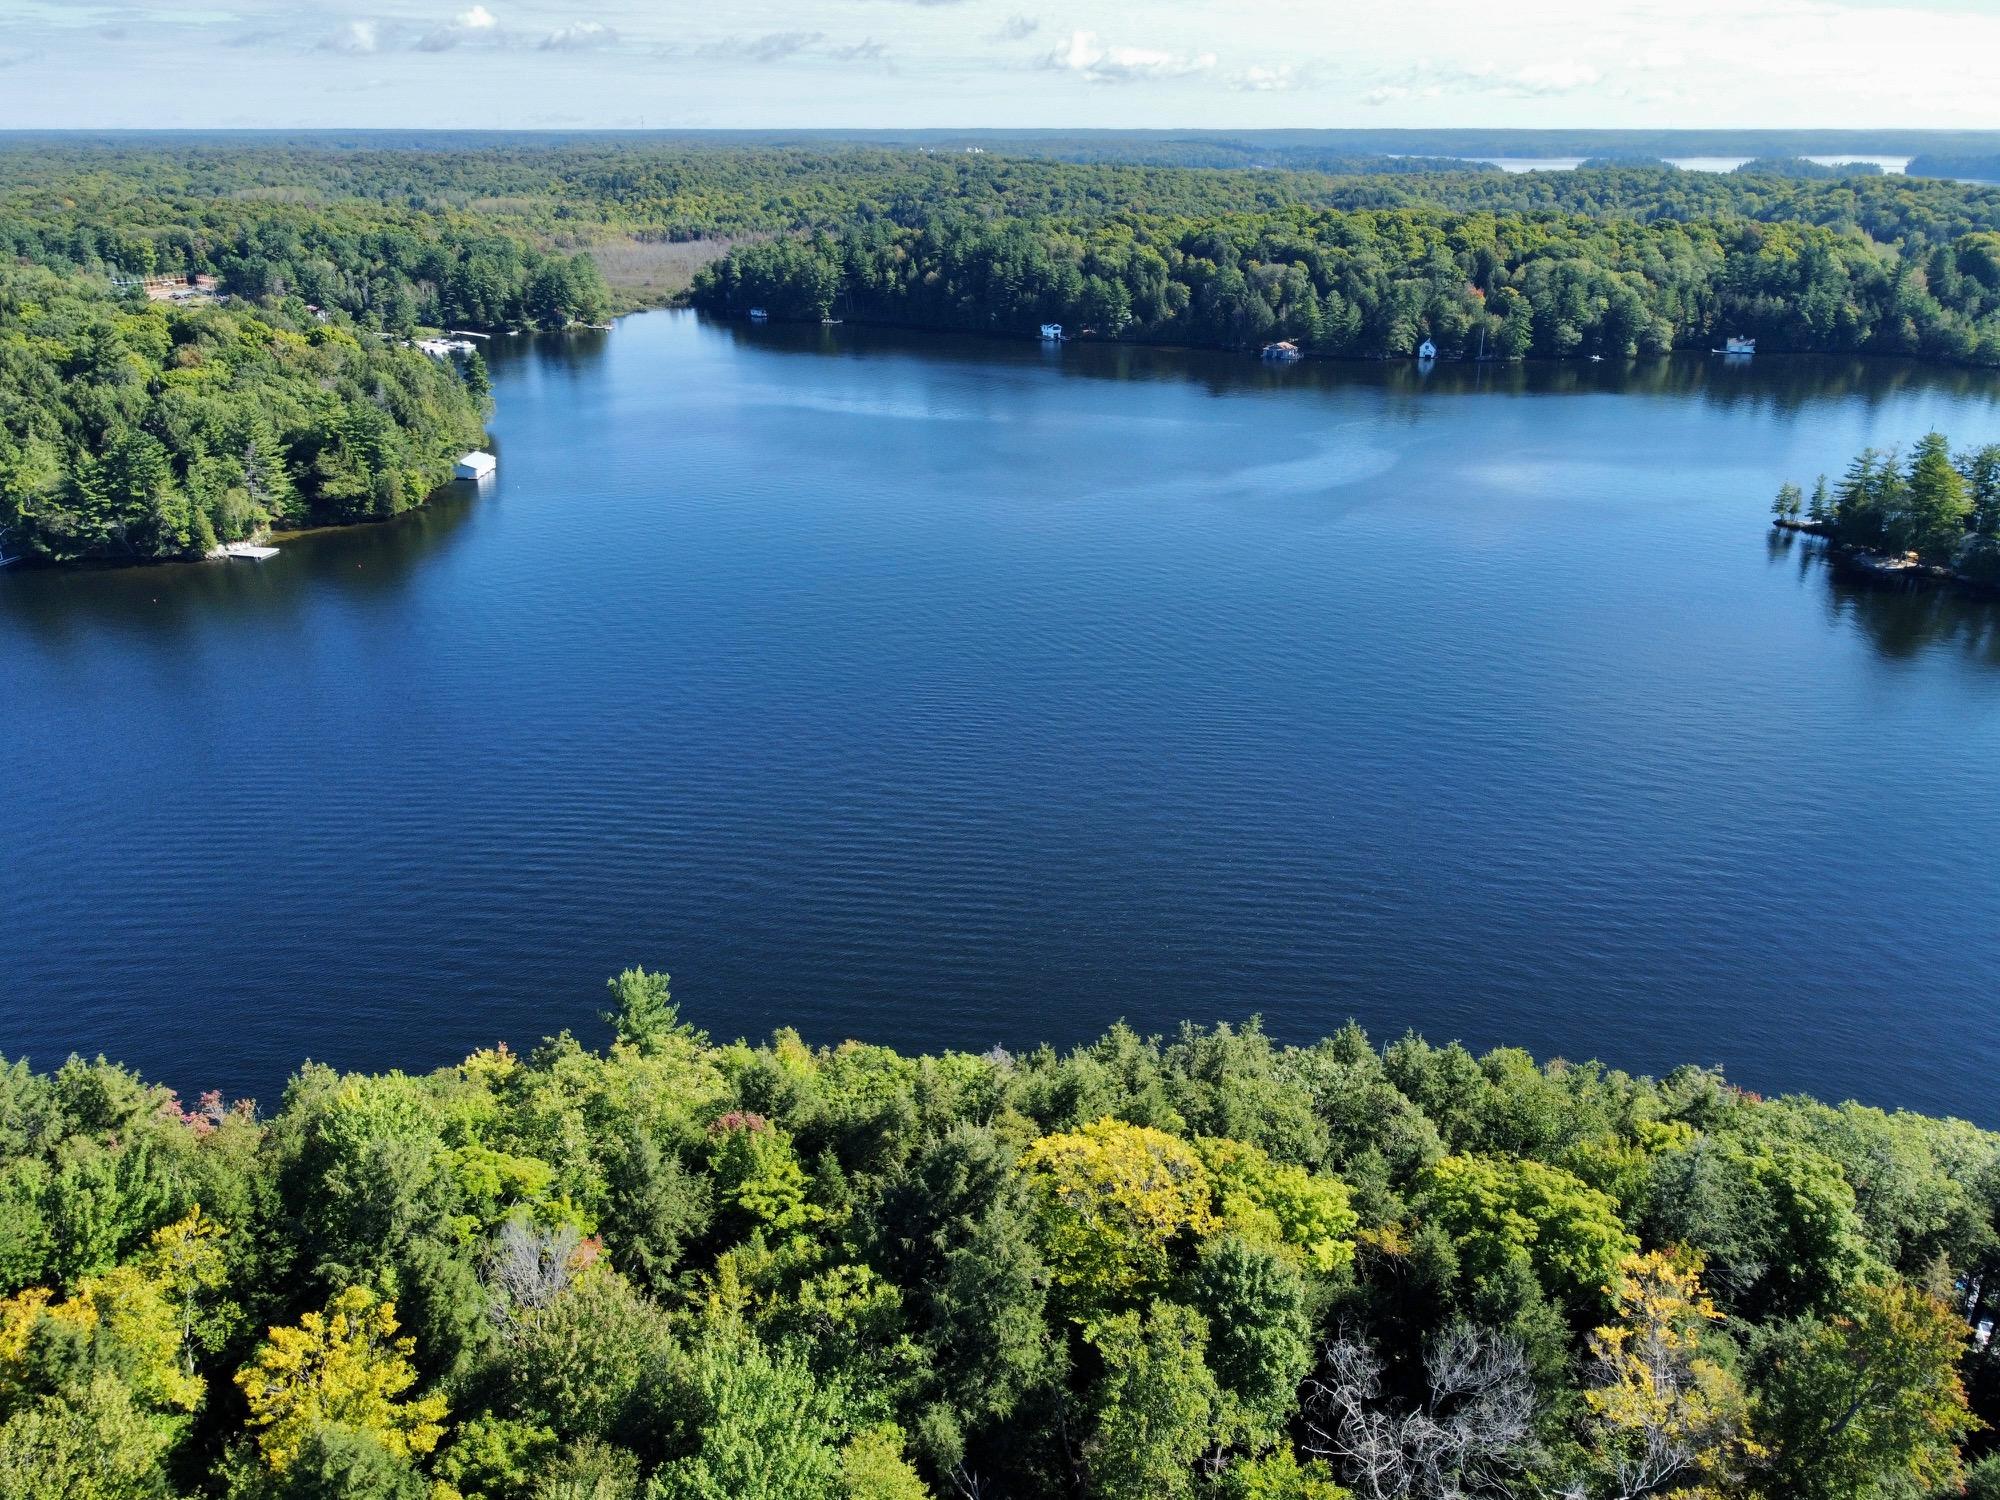 Joseph River - Build your Dreams w 300 plus ft in Port Sandfield/Minett